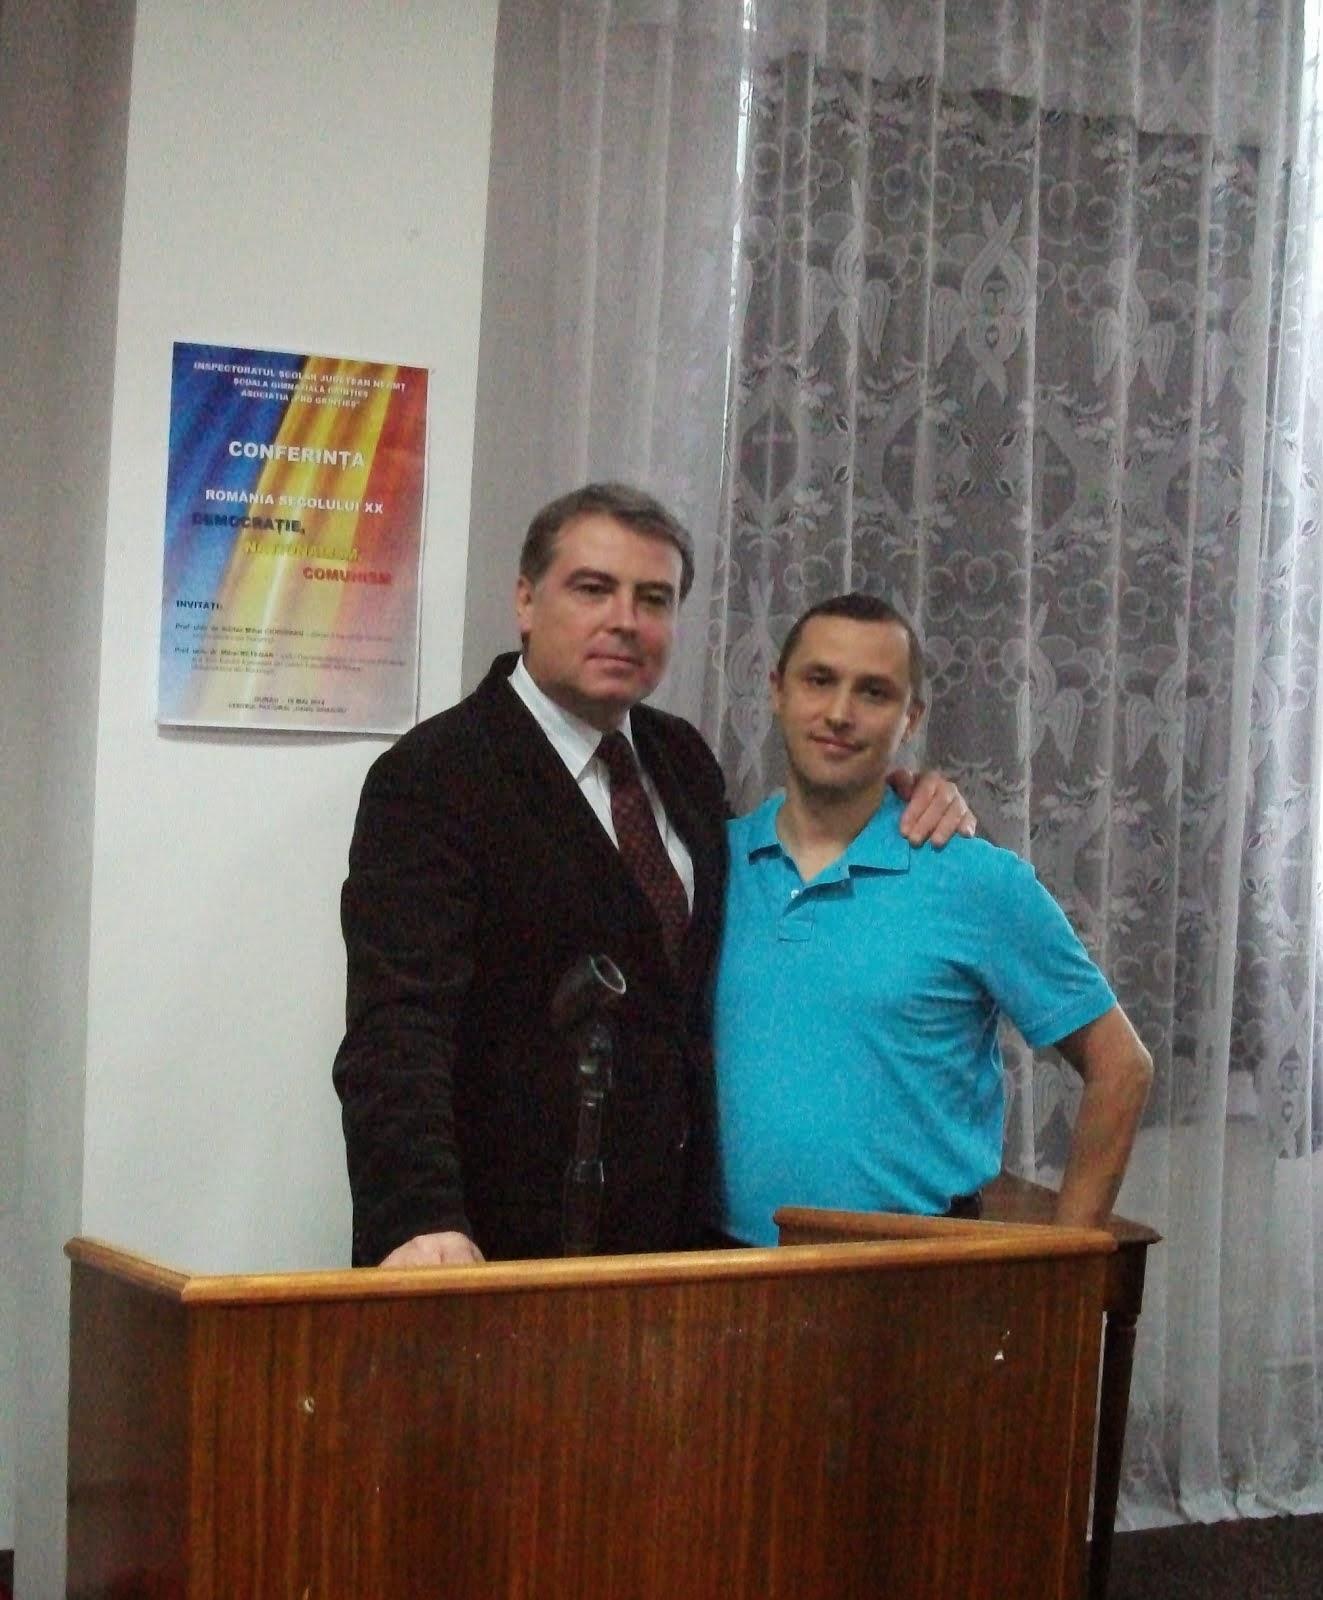 Împreună cu Prof. Univ. Dr. Adrian Cioroianu, Durău, 16.05.2014...